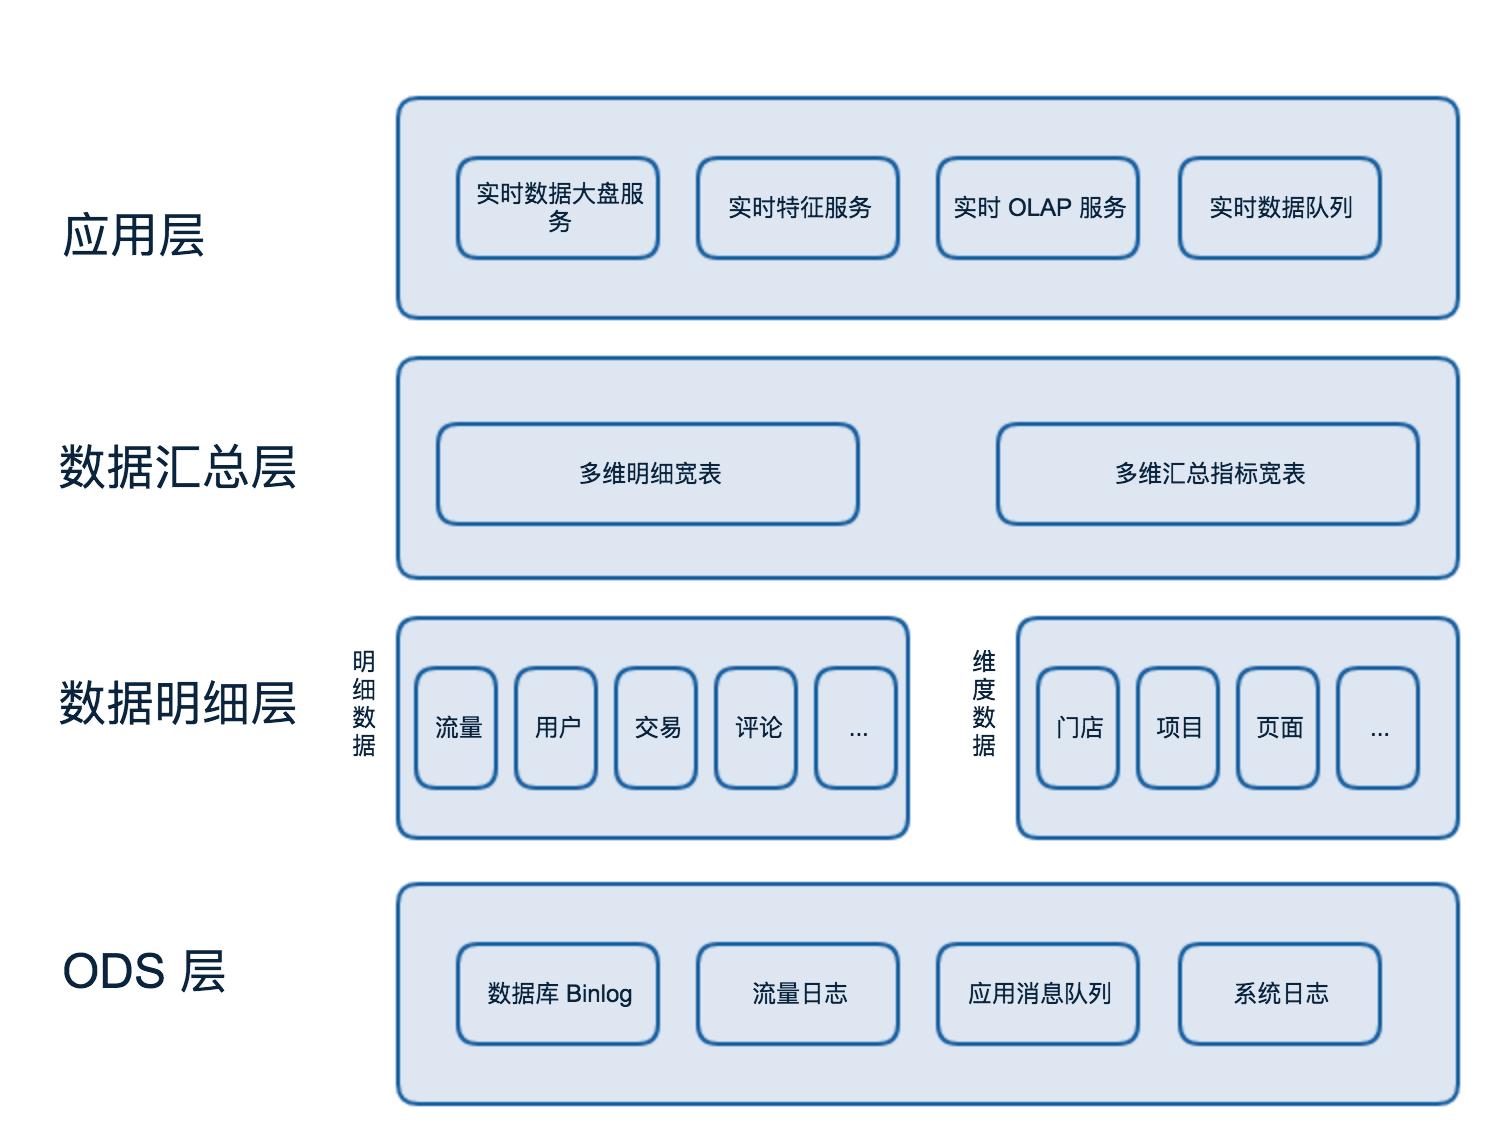 图2 实时数仓数据分层架构